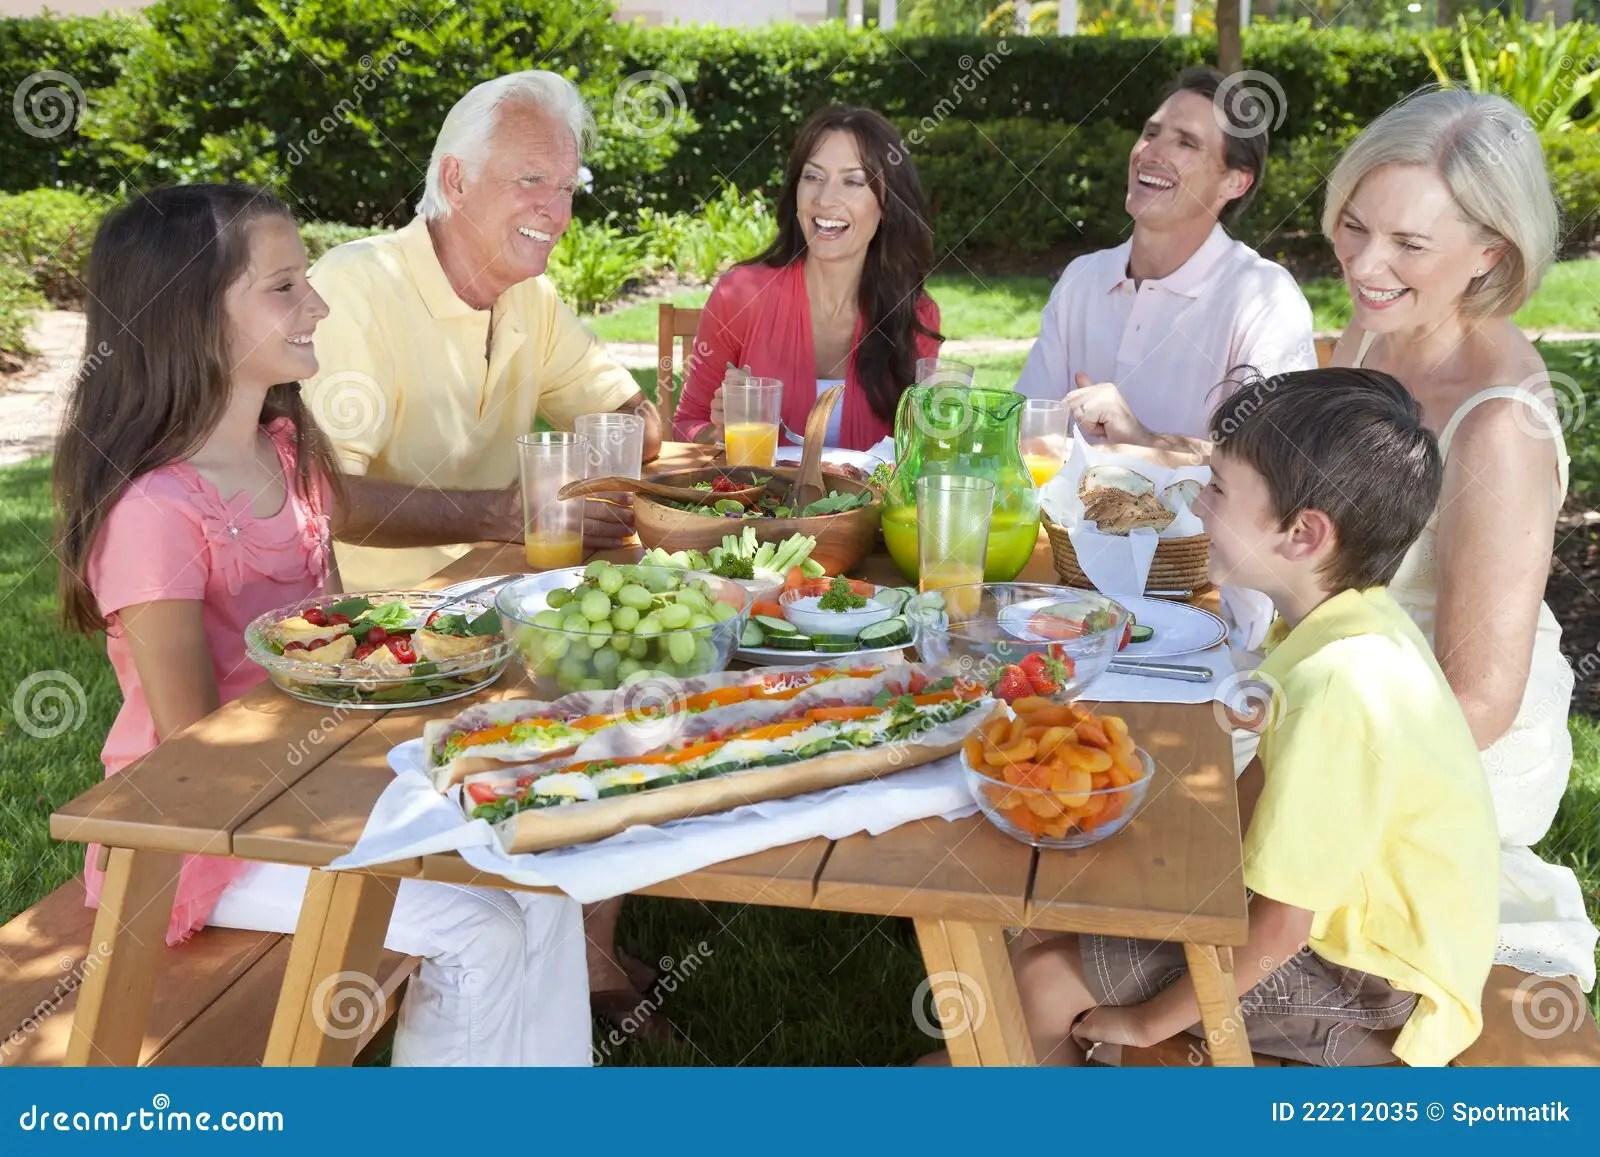 Healthy Food Eat Outside